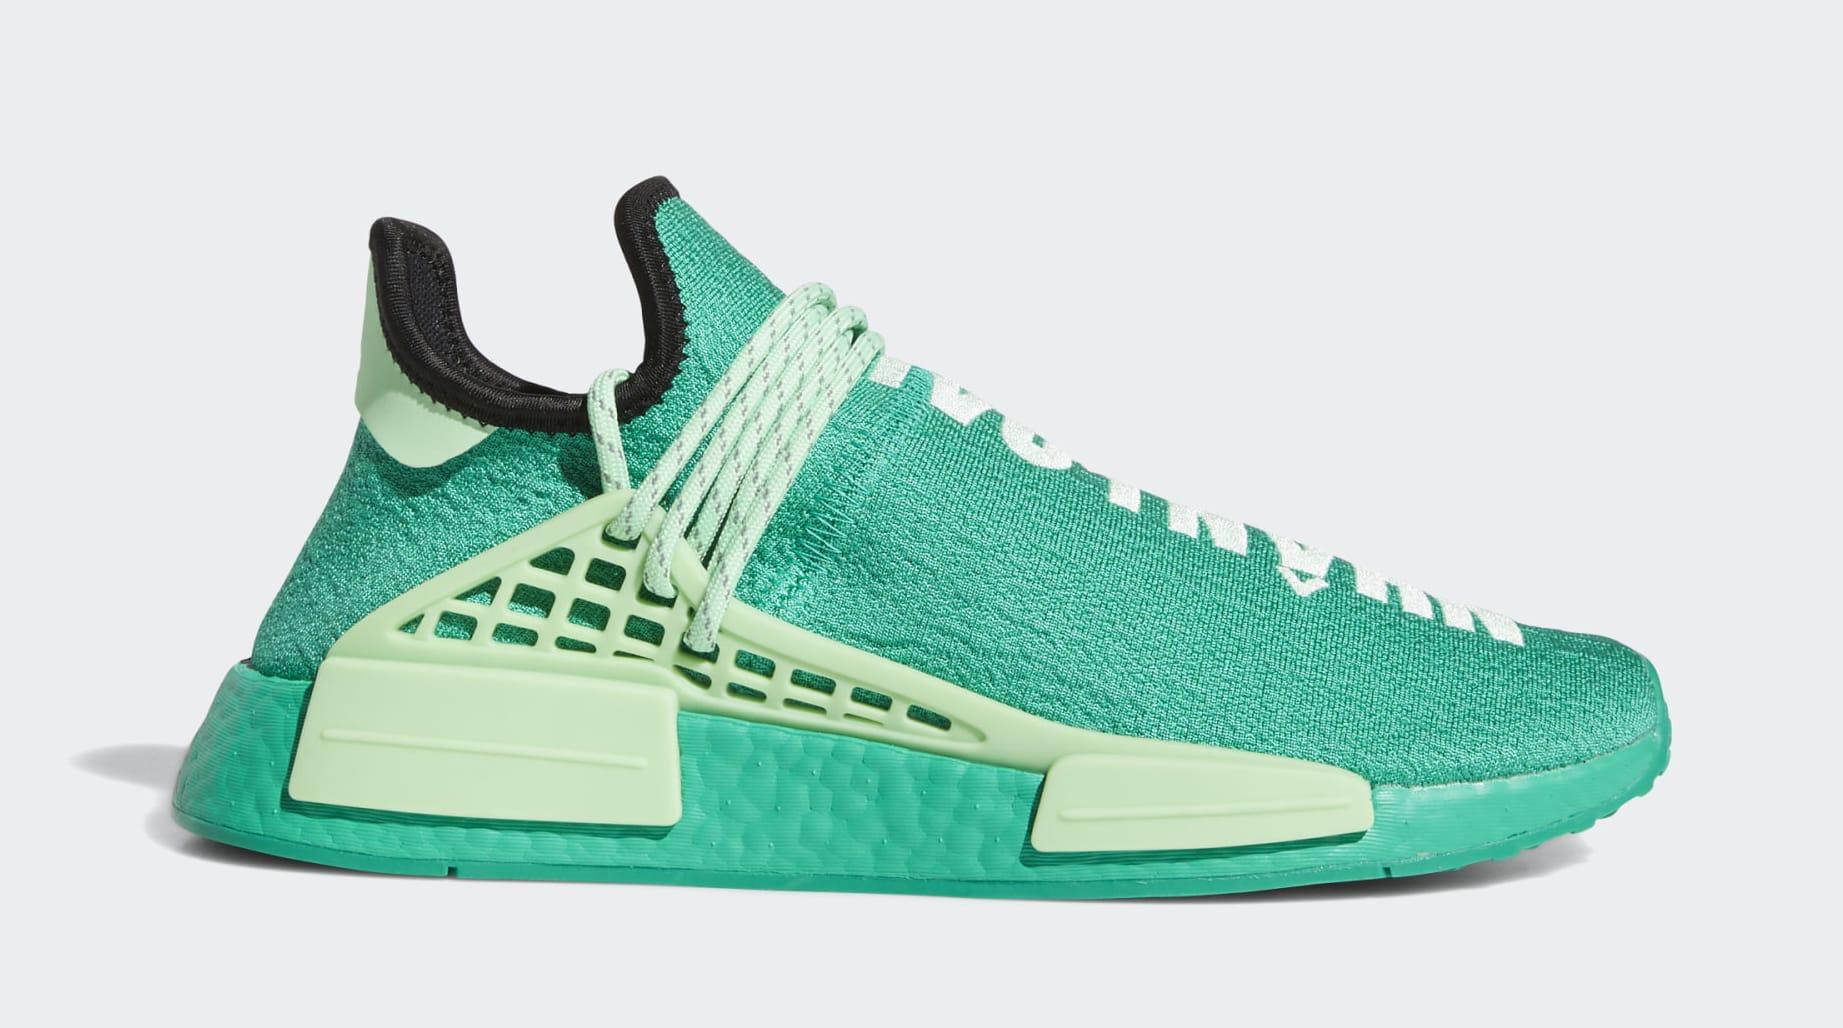 Pharrell x Adidas NMD Hu 'Green' FY0089 Side